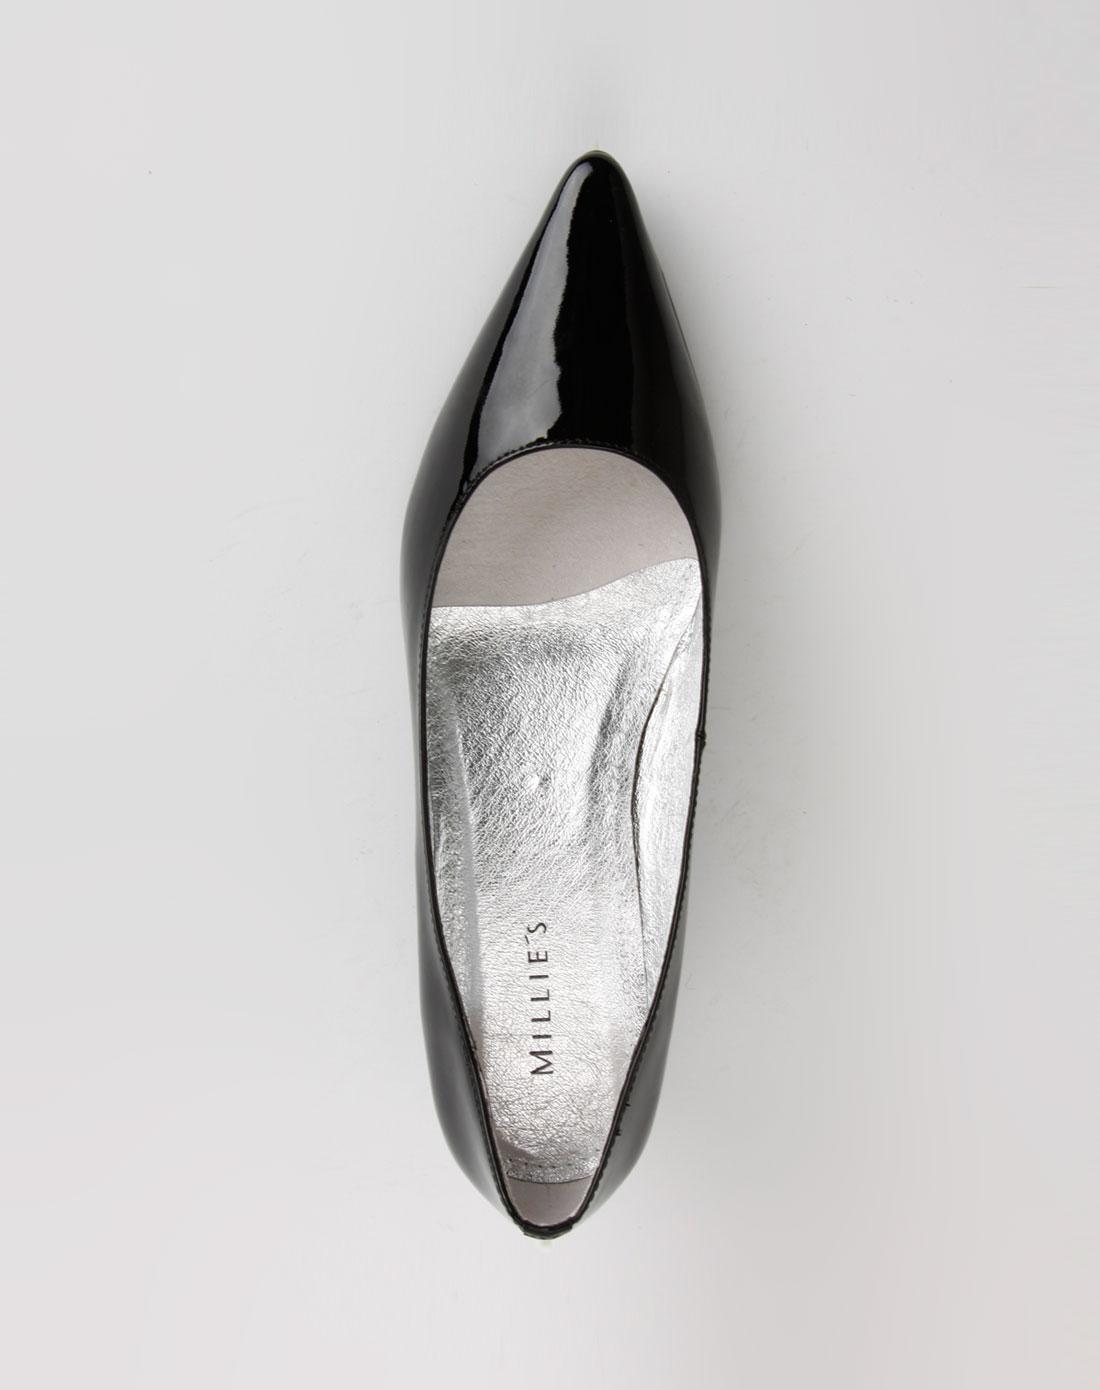 鞋俯视简笔画